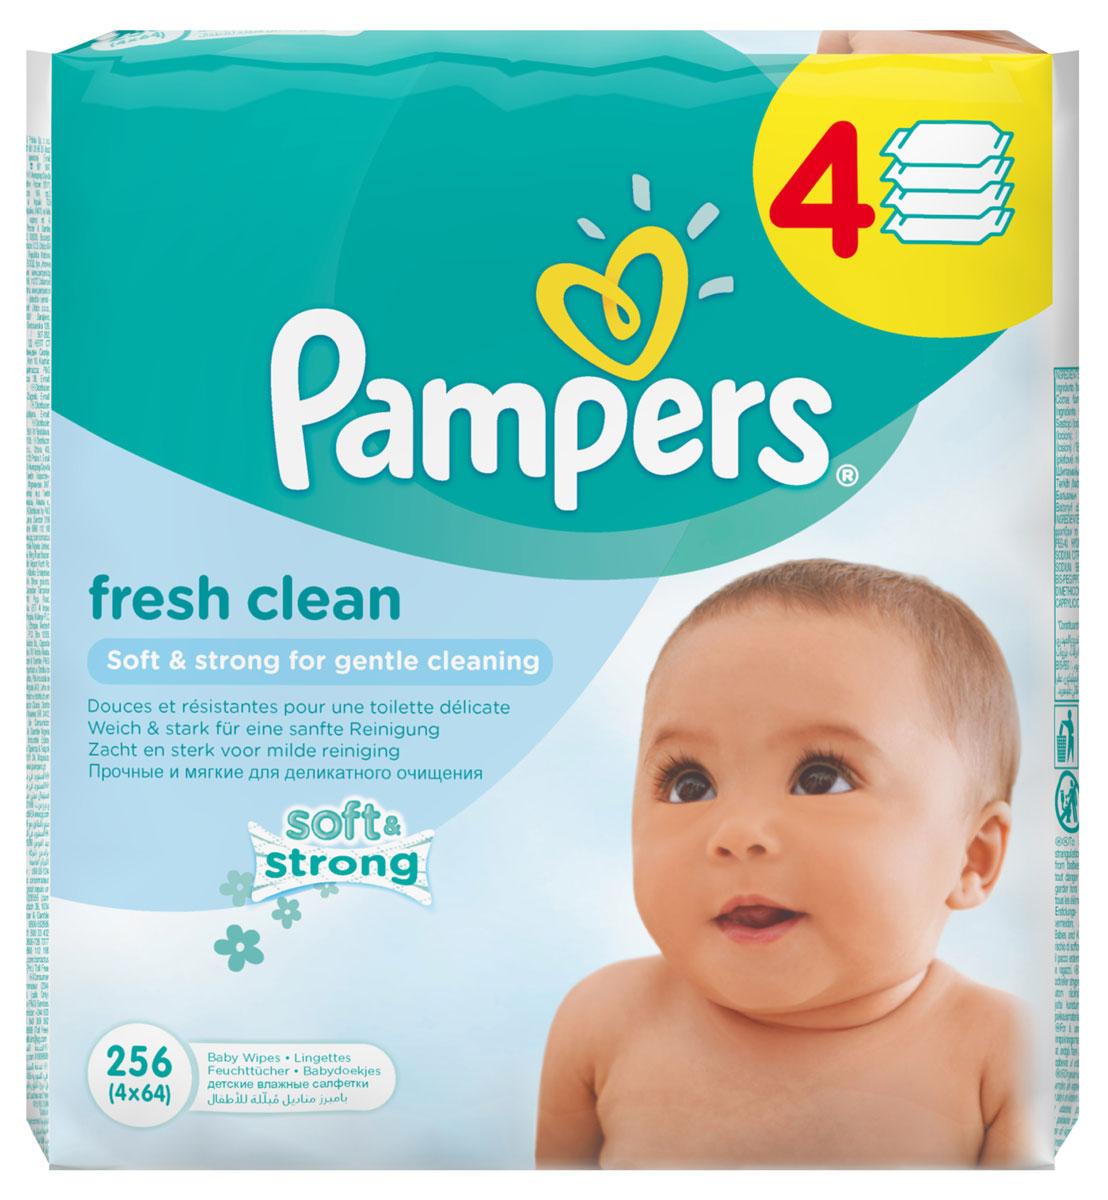 Pampers Детские влажные салфетки Baby Fresh Clean 256 штPA-81551132Каждый малыш нуждается в нежном очищении, именно поэтому влажные салфетки Pampers Baby Fresh с дополнительным увлажнением позволяют бережно заботиться о детской коже. Благодаря своей уникальной мягкой текстуре SoftGrip, они очищают кожу малыша еще нежнее, чем раньше, поддерживая естественный уровень pH, облегчая мамам смену подгузника. Не бойтесь сюрпризов с Pampers Baby Fresh! В упаковке 256 салфеток.